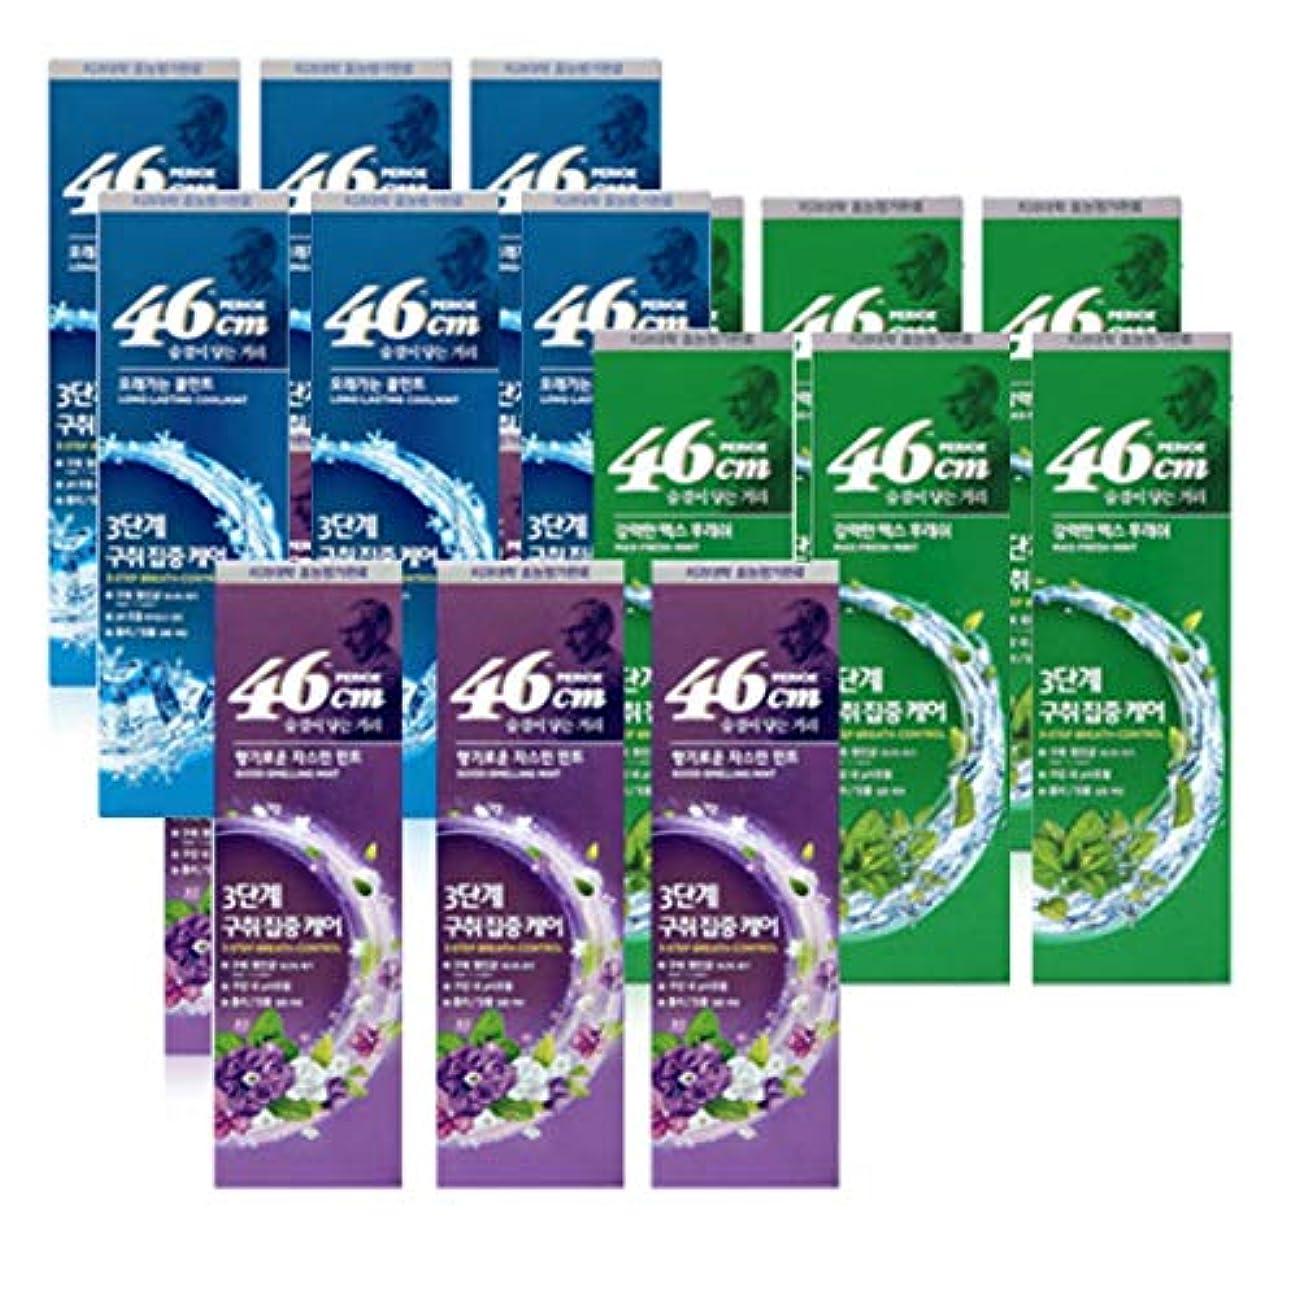 断言するコミットメント精巧な[LG HnB] Perio 46cm toothpaste / ペリオ46cm歯磨き粉 100gx18個(海外直送品)